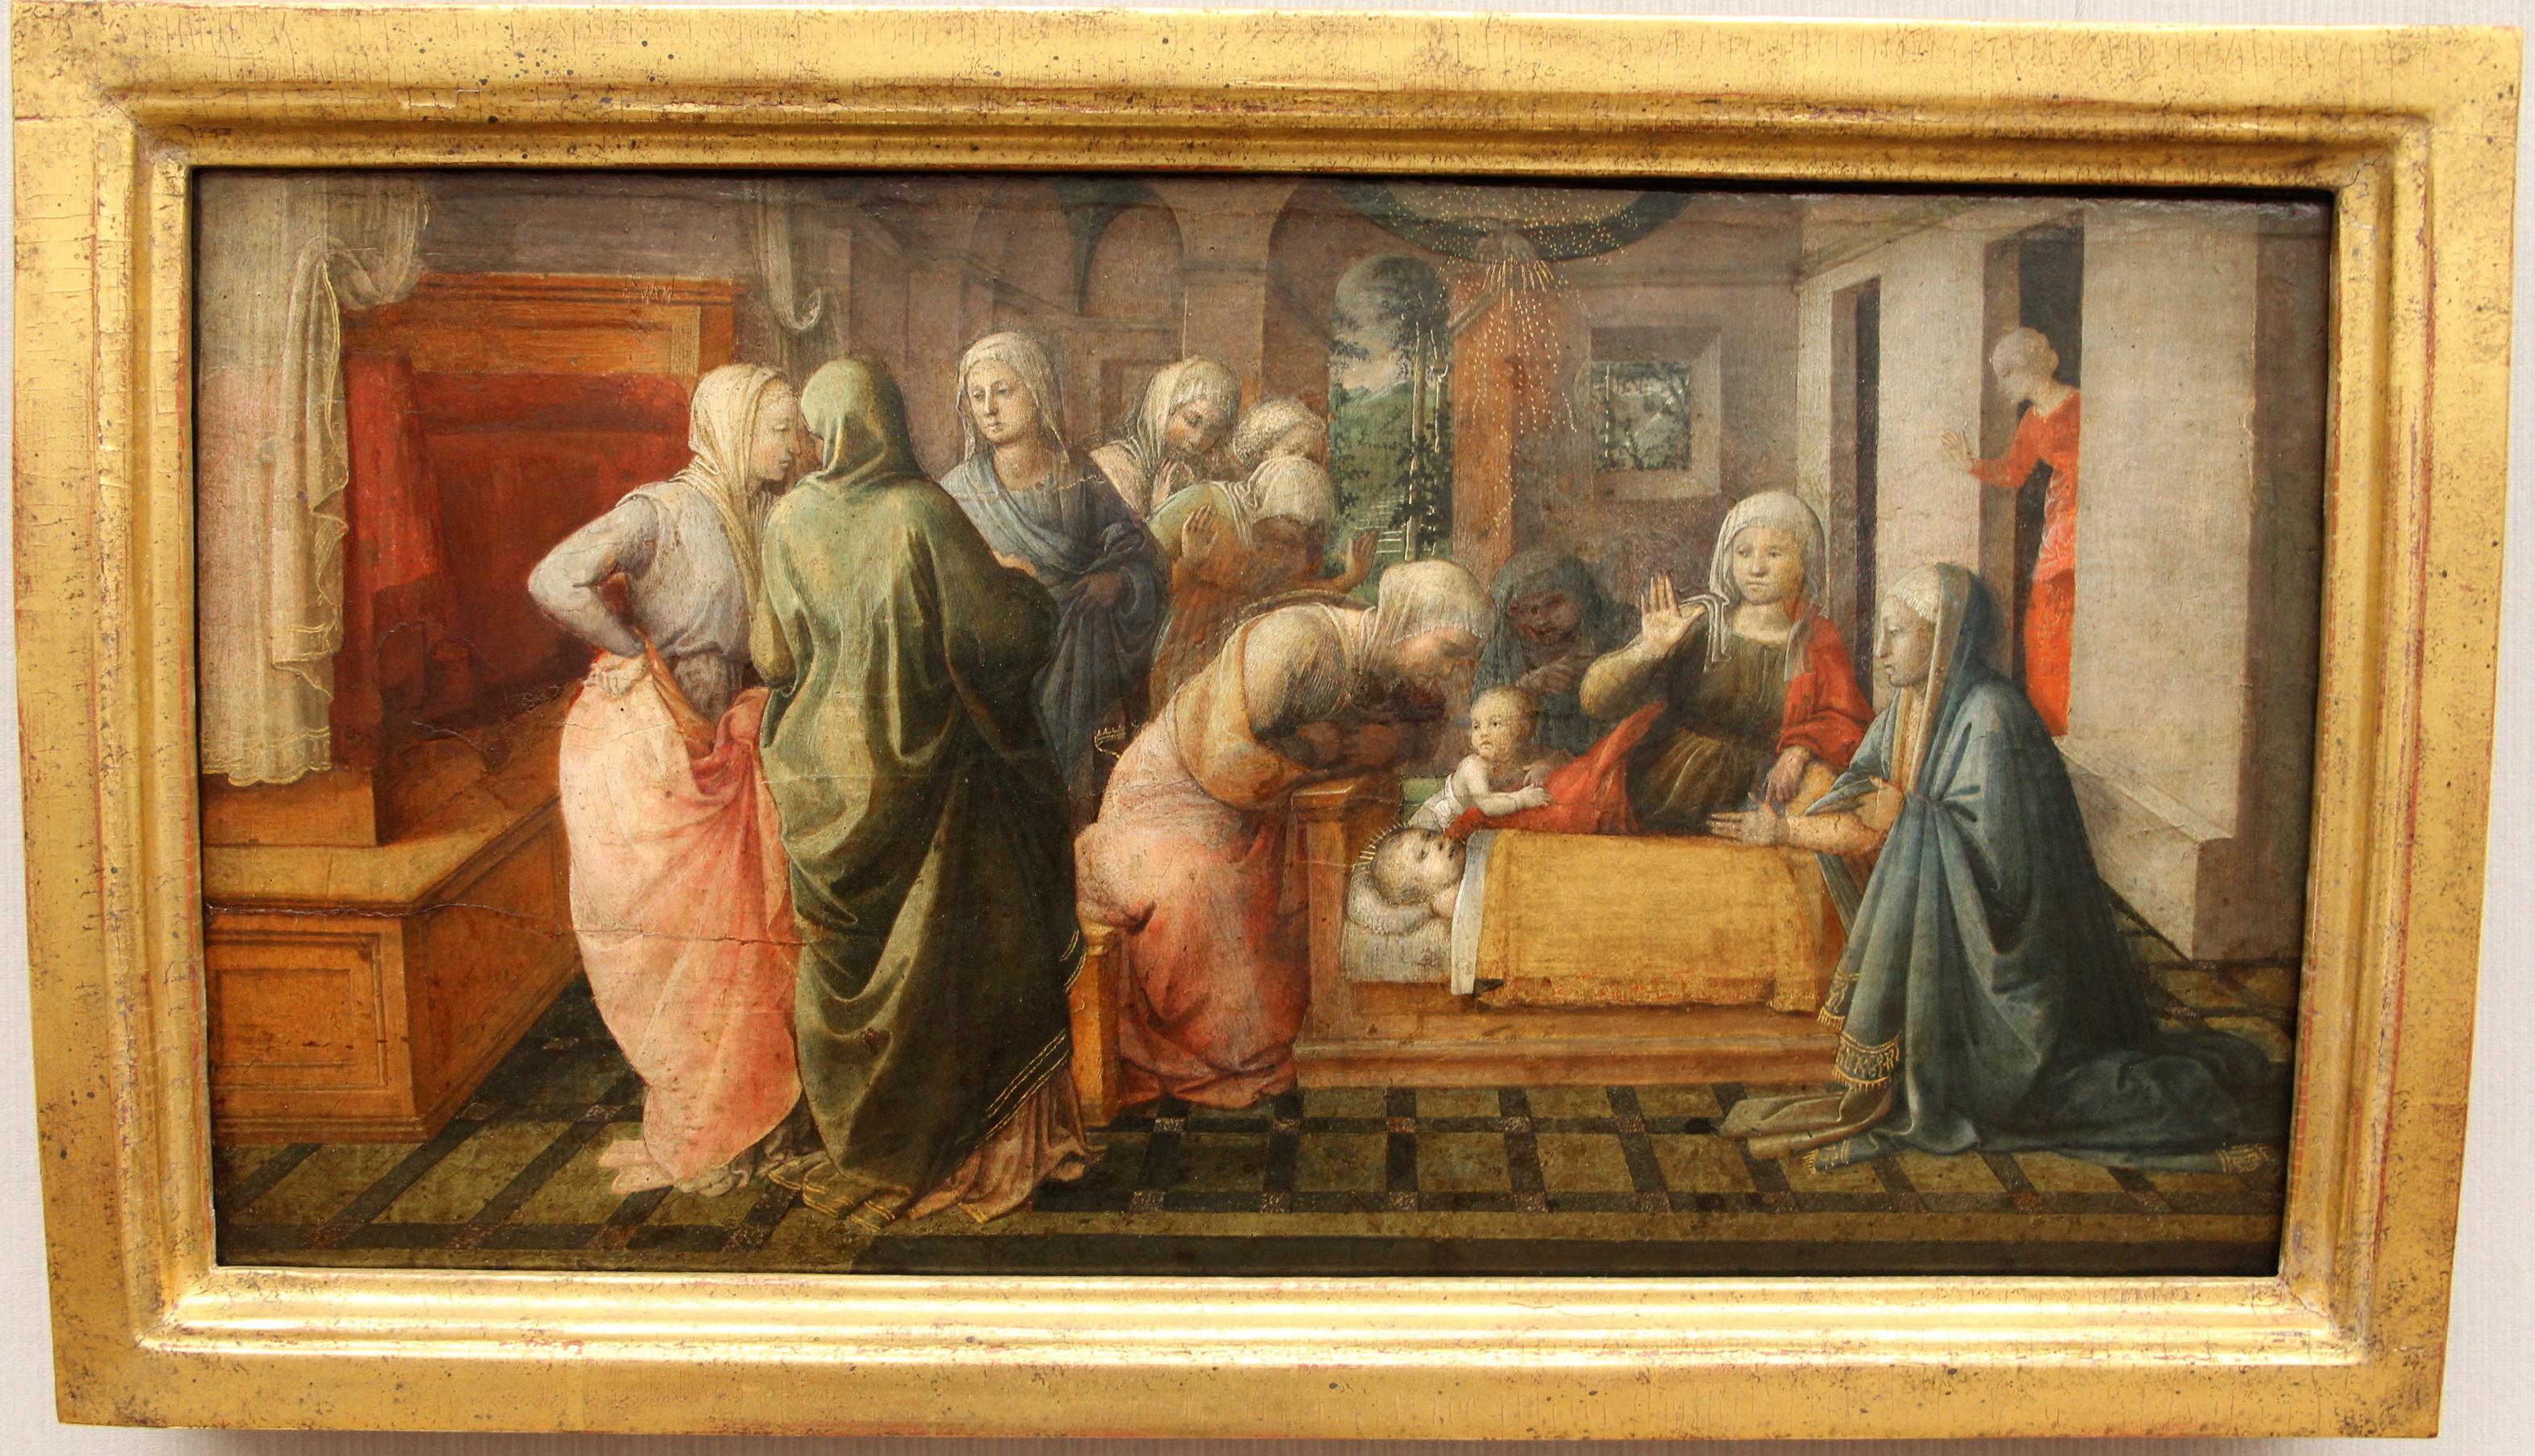 File:Filippo lippi, il miracolo delle api di sant'ambrogio, 1441-